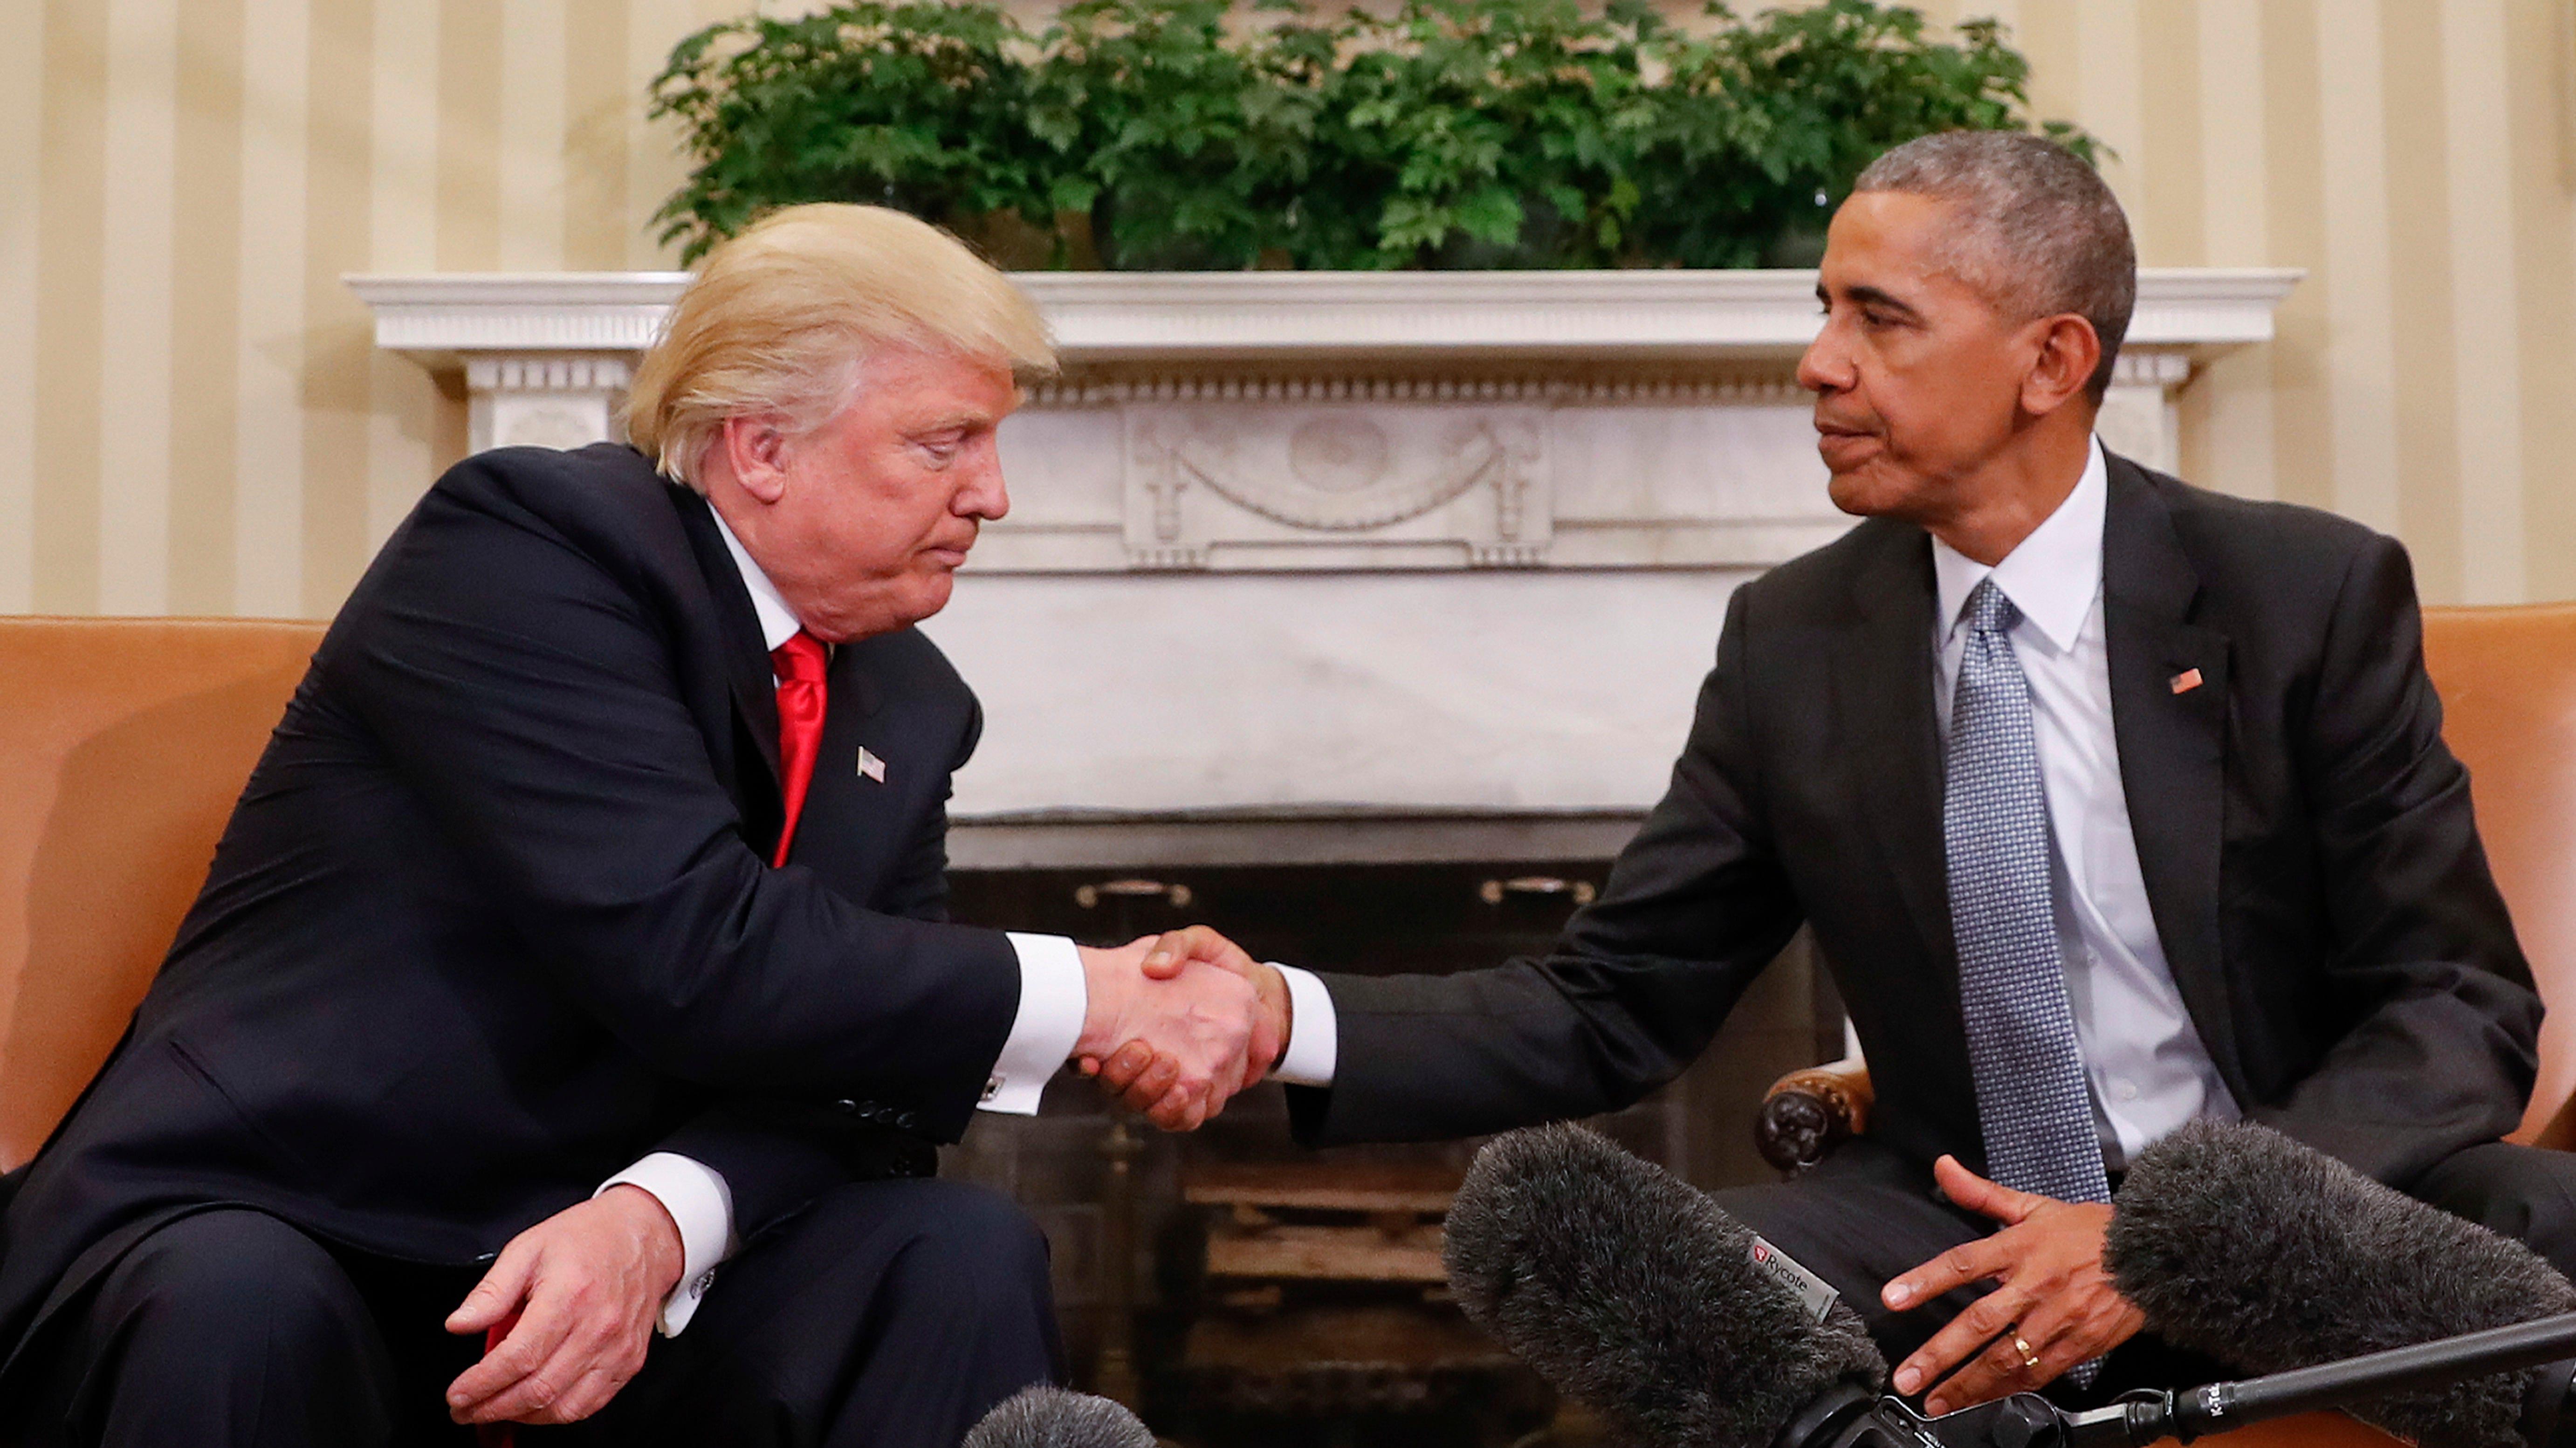 Presidents Donald Trump and Barack Obama in November of 2016.